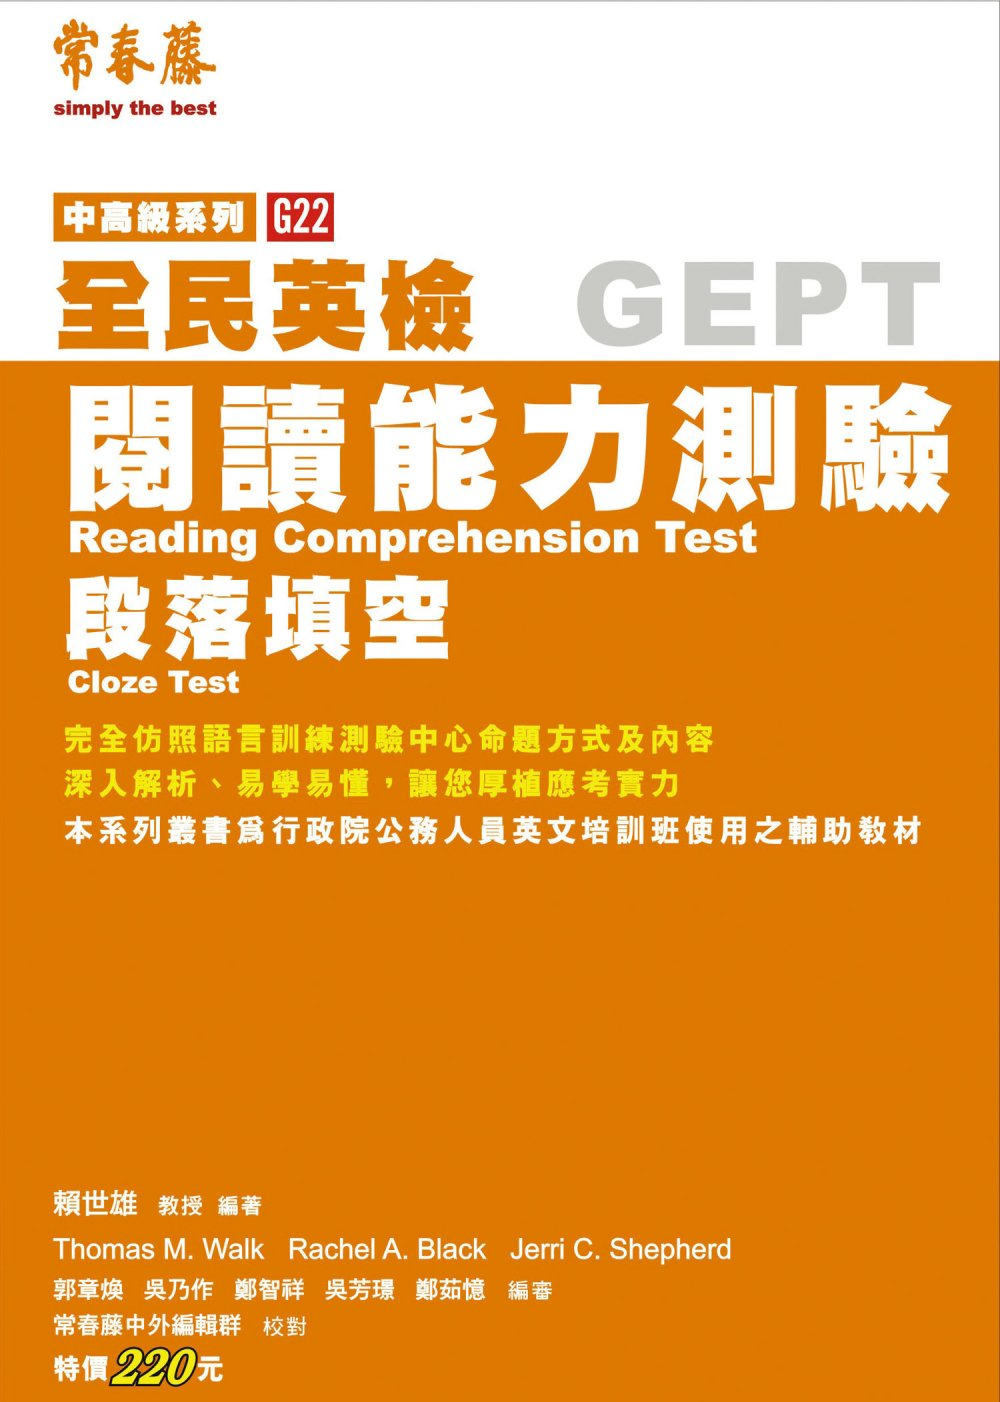 中高級閱讀能力測驗段落填空